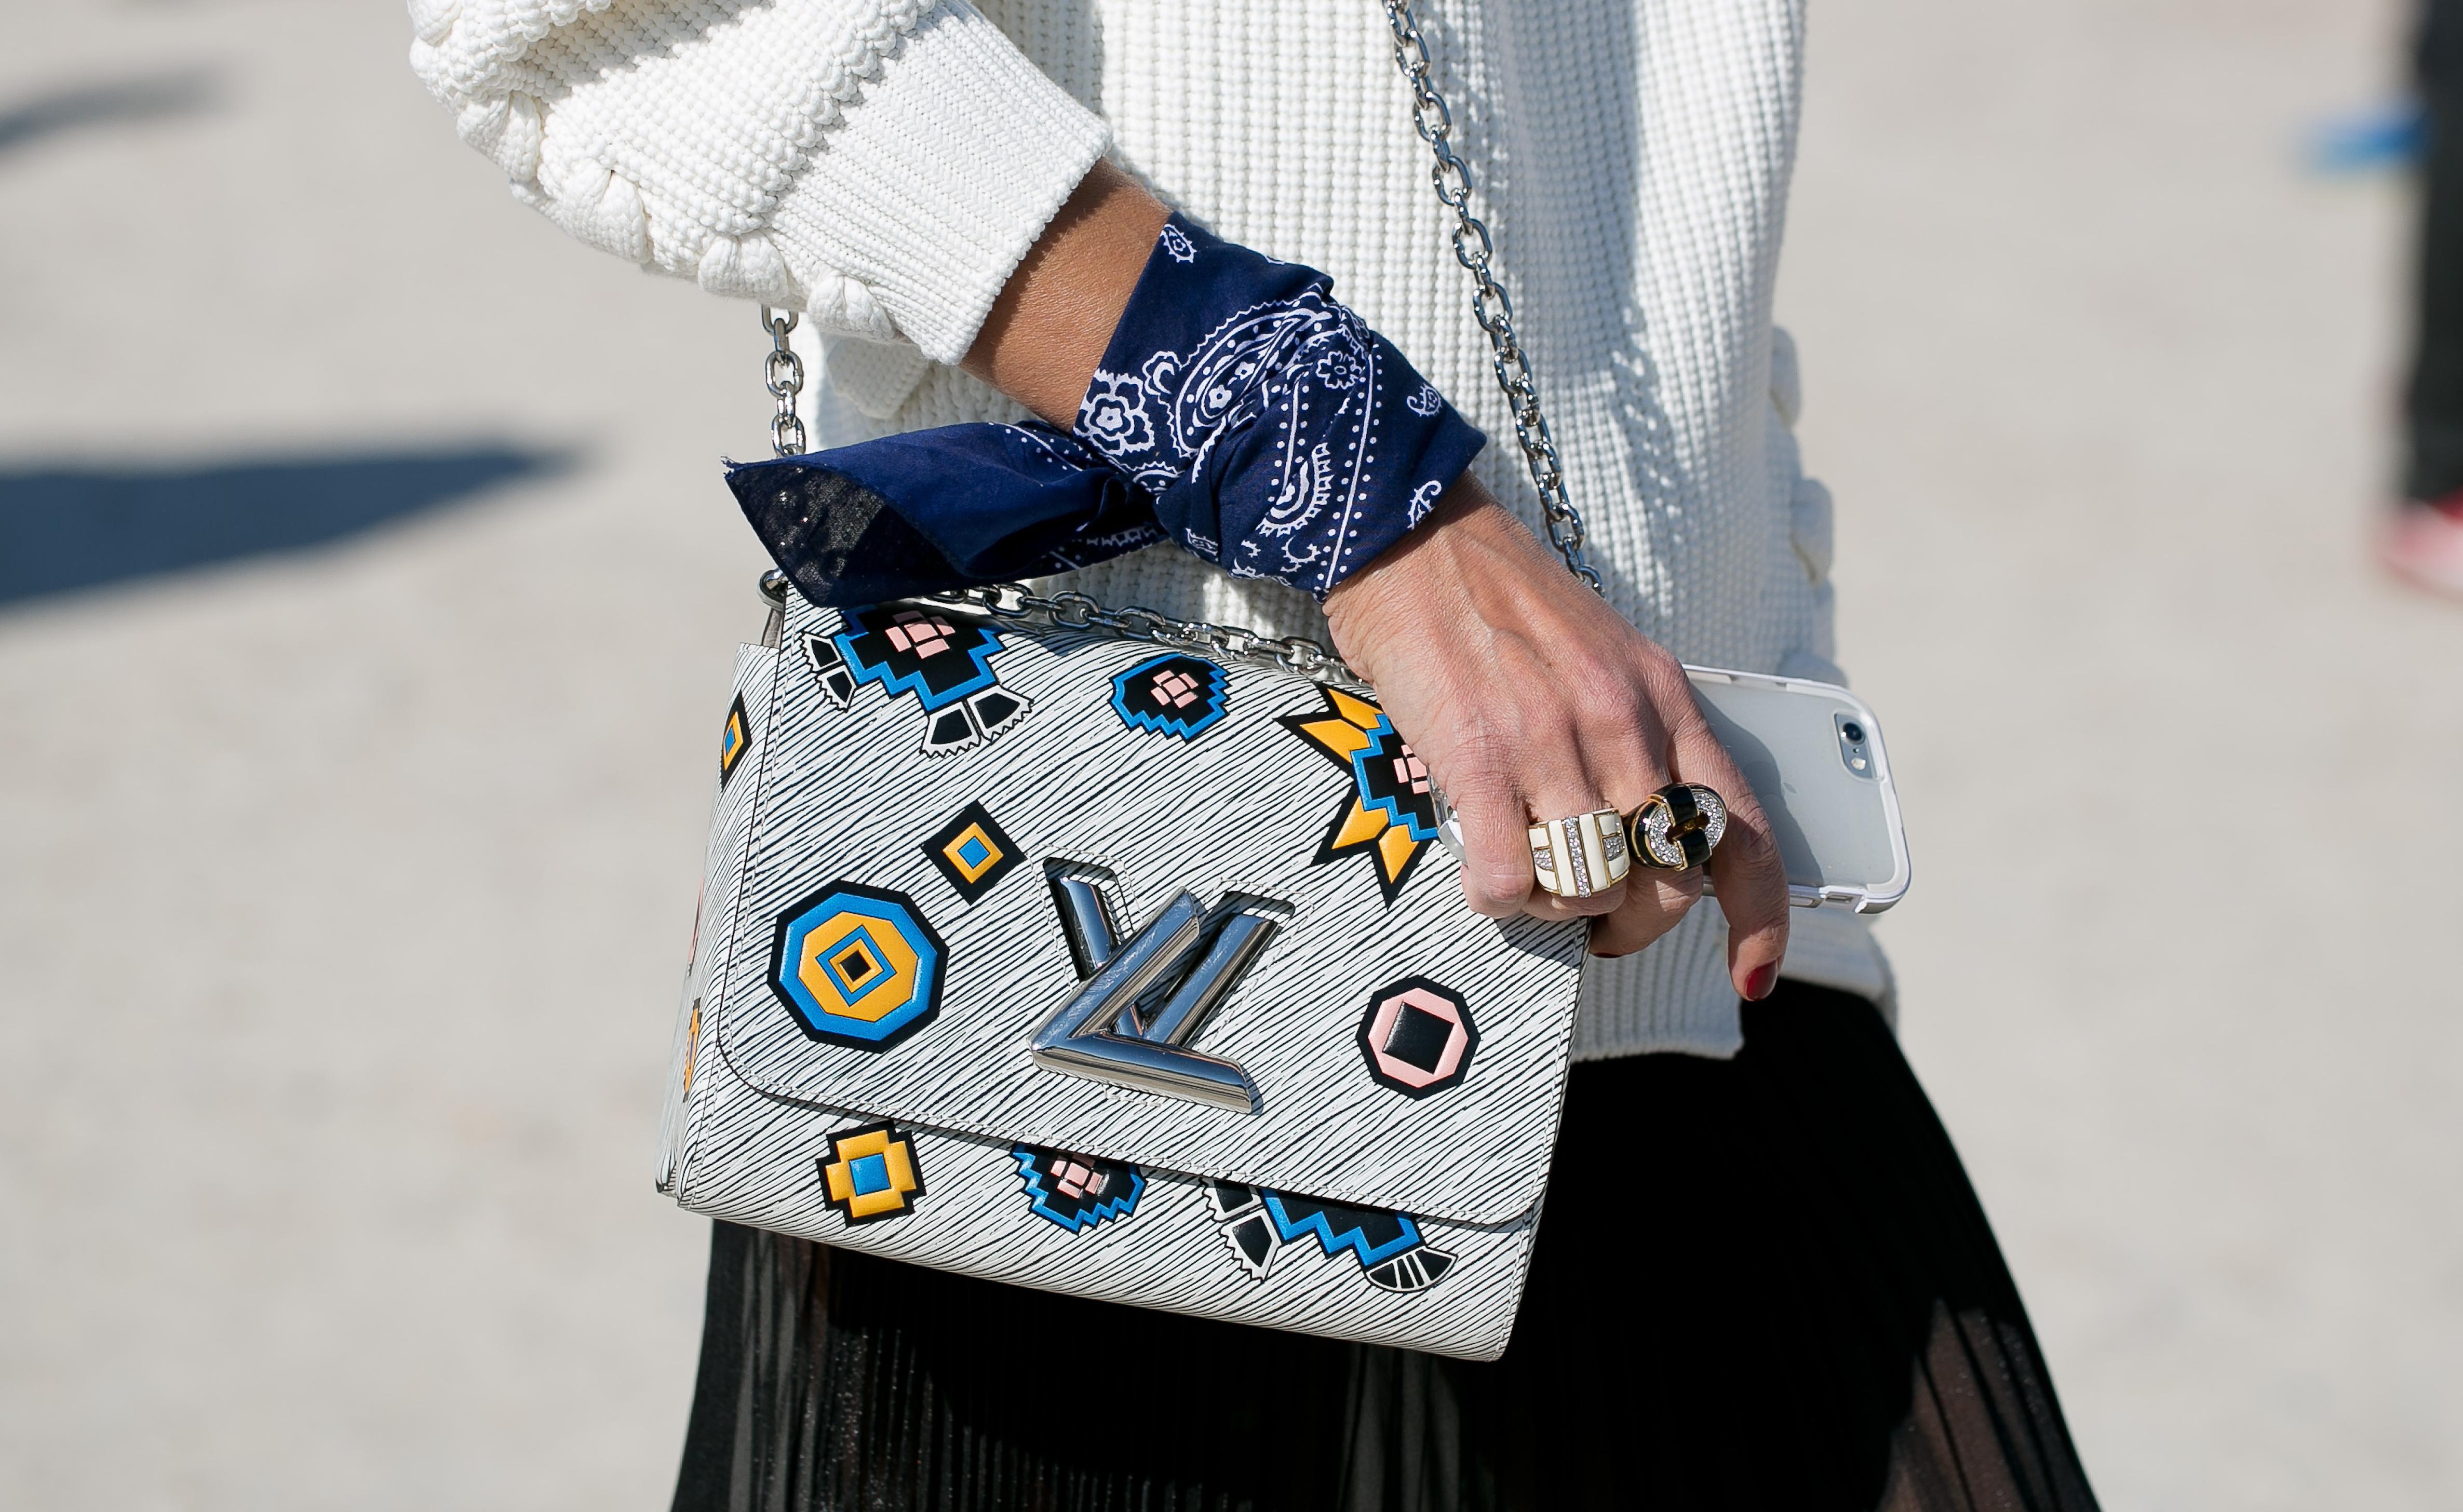 Koštaju pravo bogatstvo: Kako izgledaju najskuplje torbe s Net A Portera?